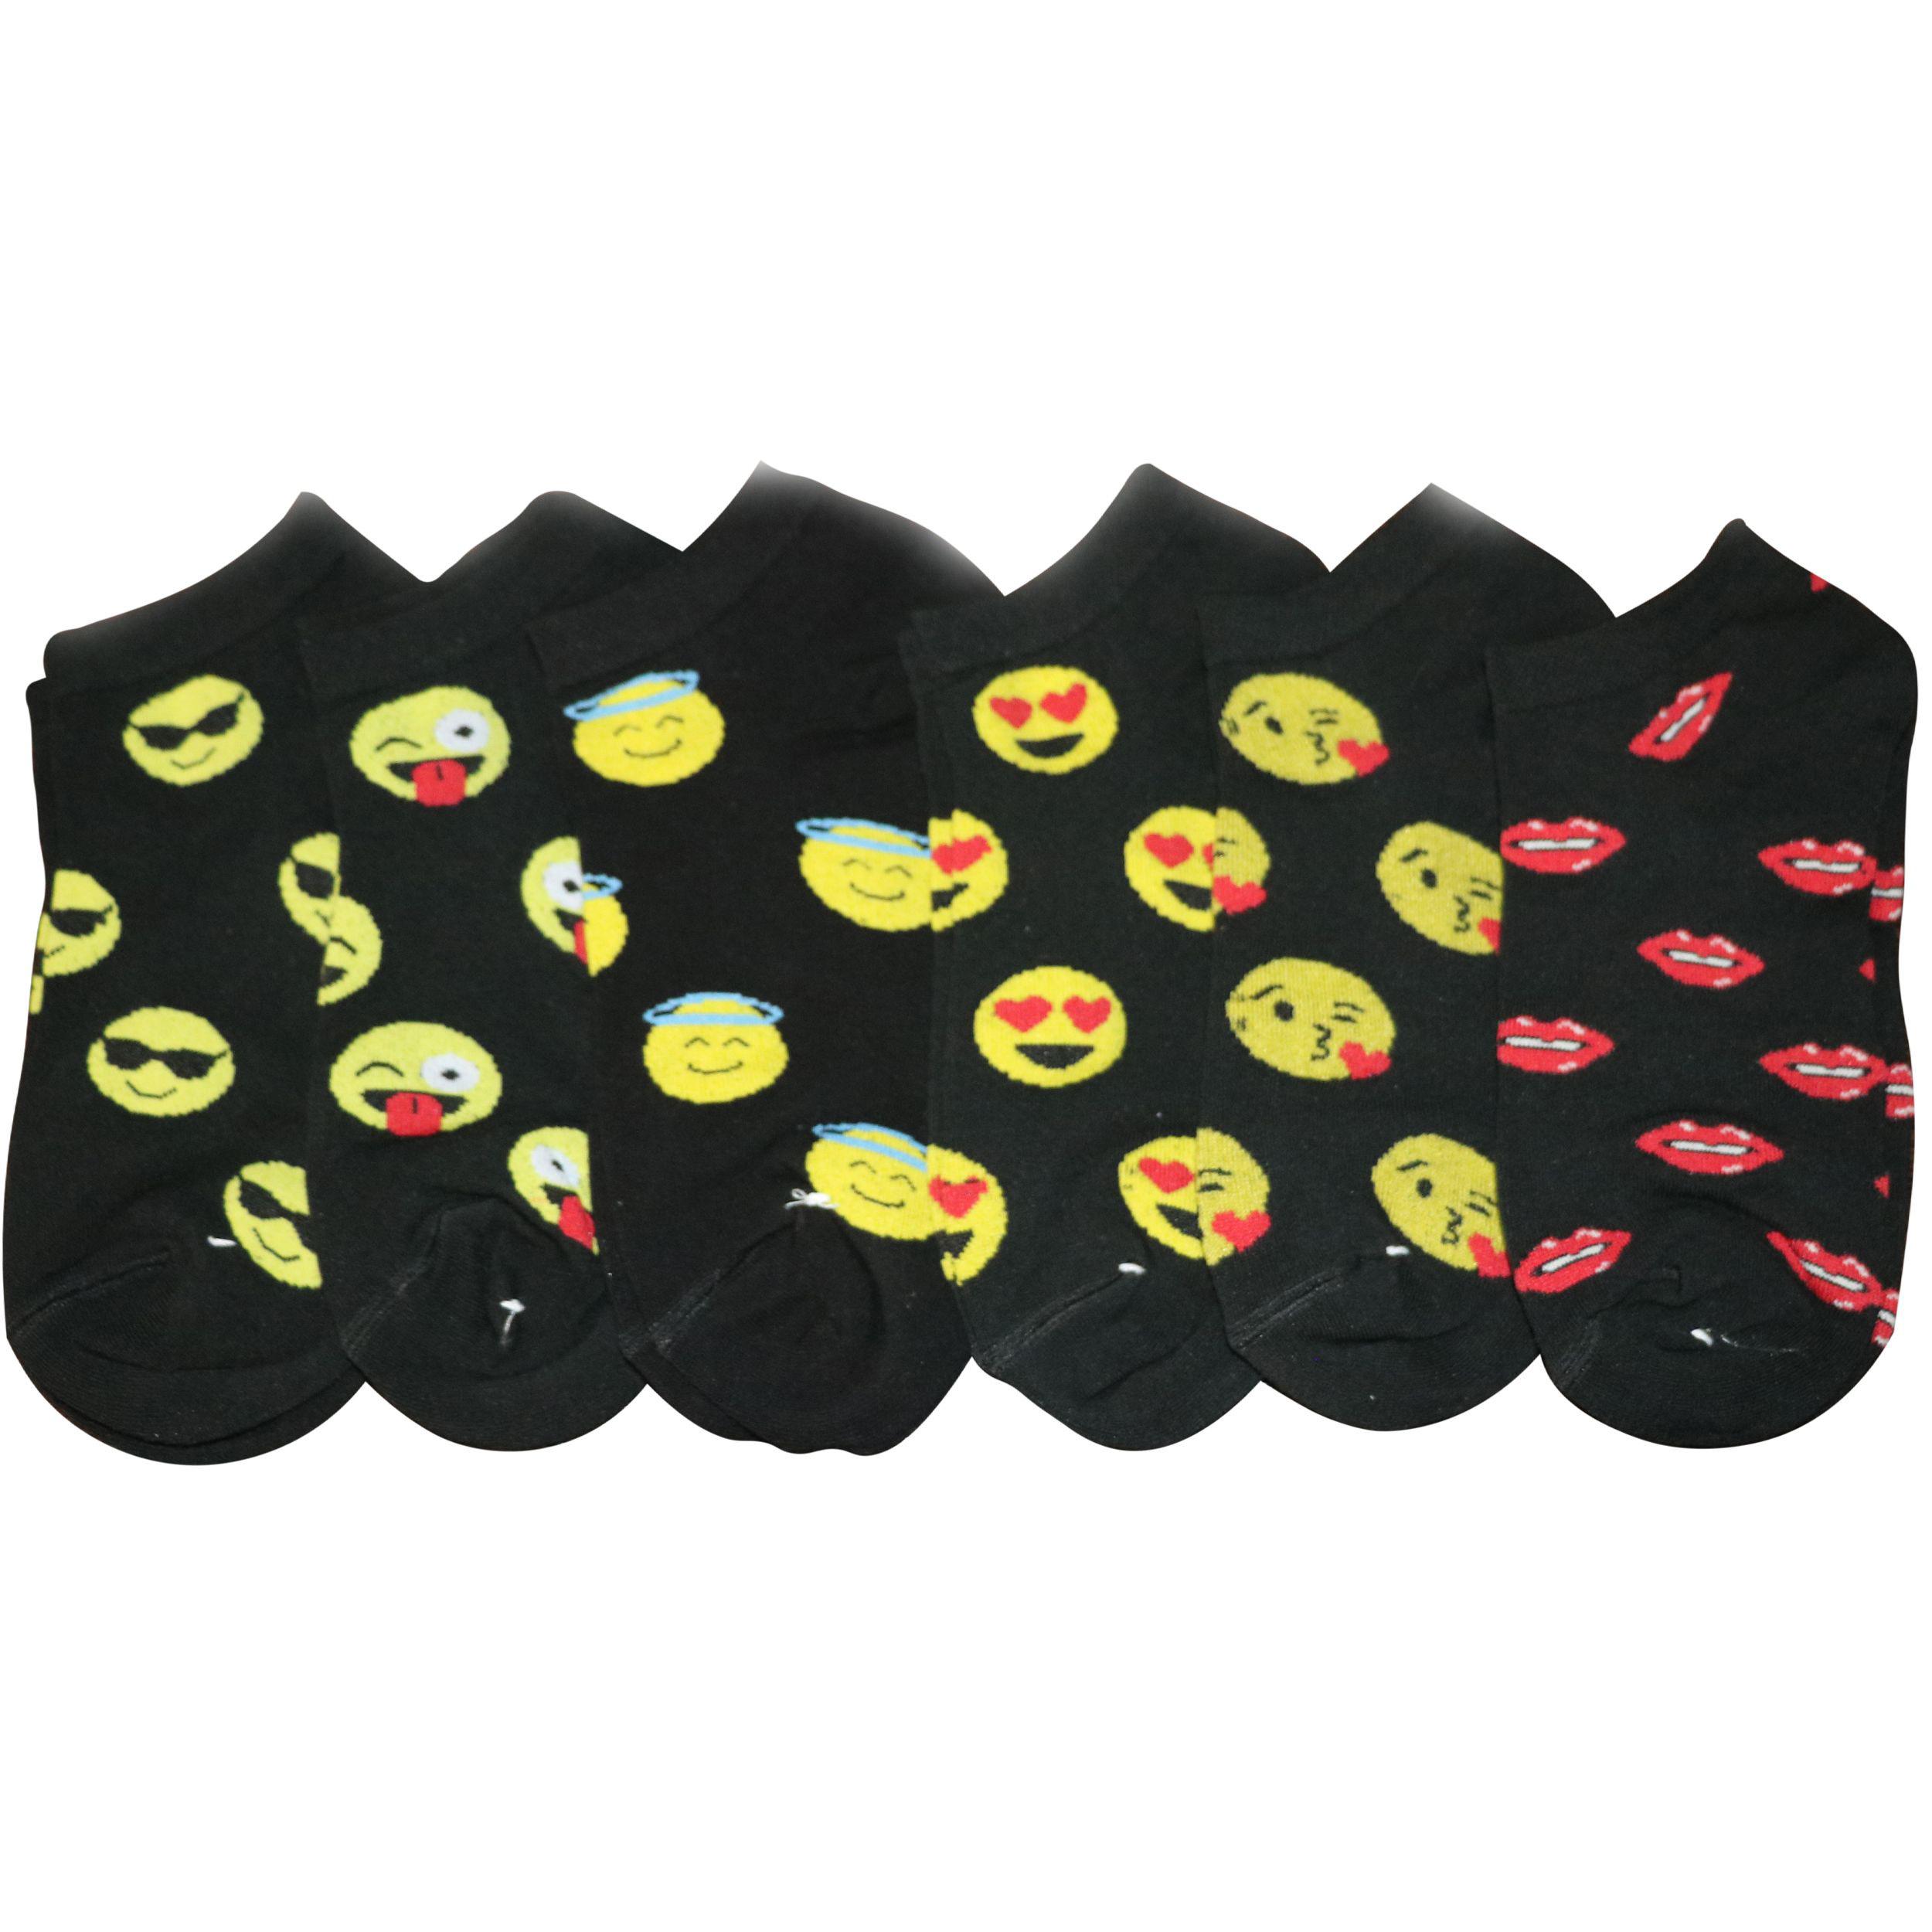 جوراب زنانه طرح emojis مجموعه 6 عددی